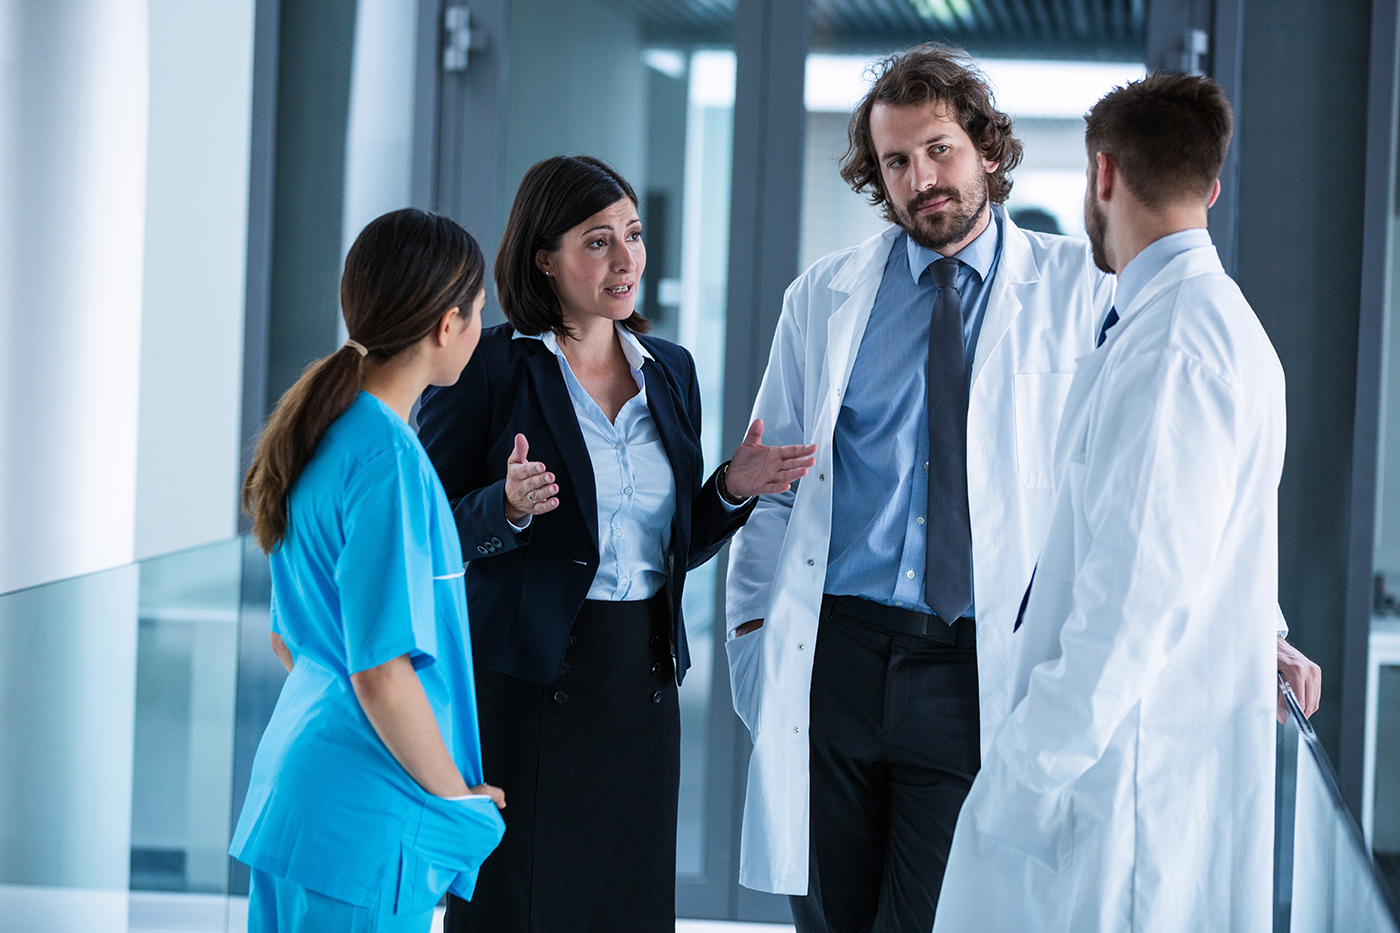 Interprétariat pour le secteur médical